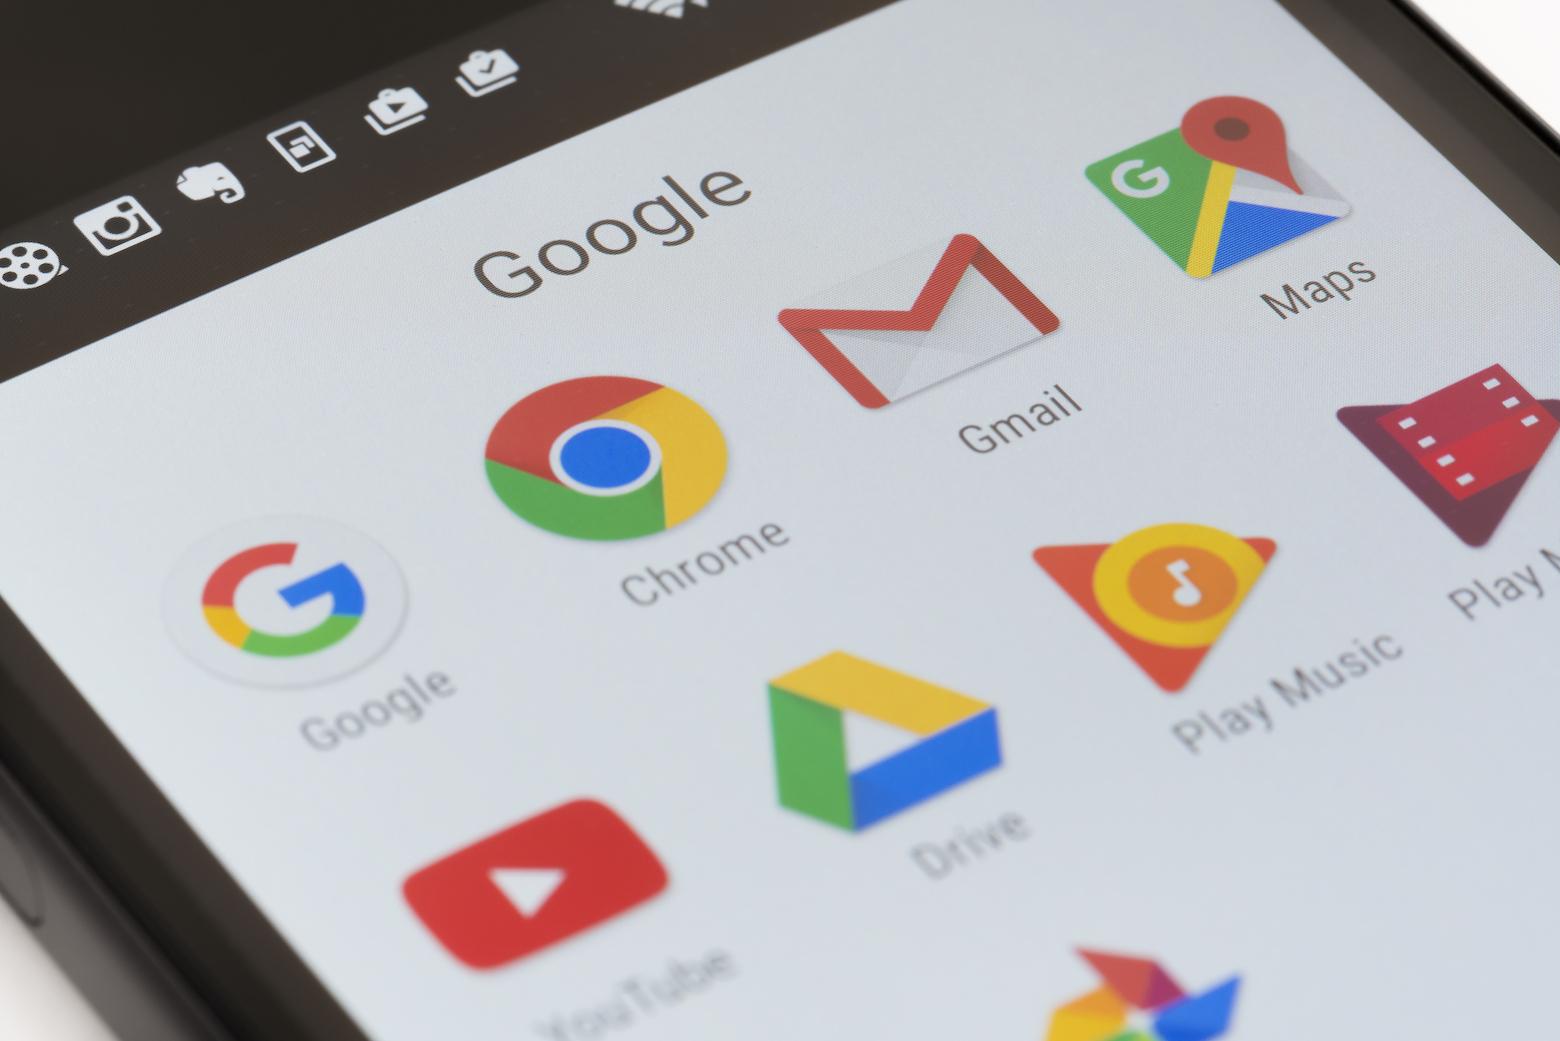 Google перестанет сканировать содержимое писем Gmail в рекламных целях